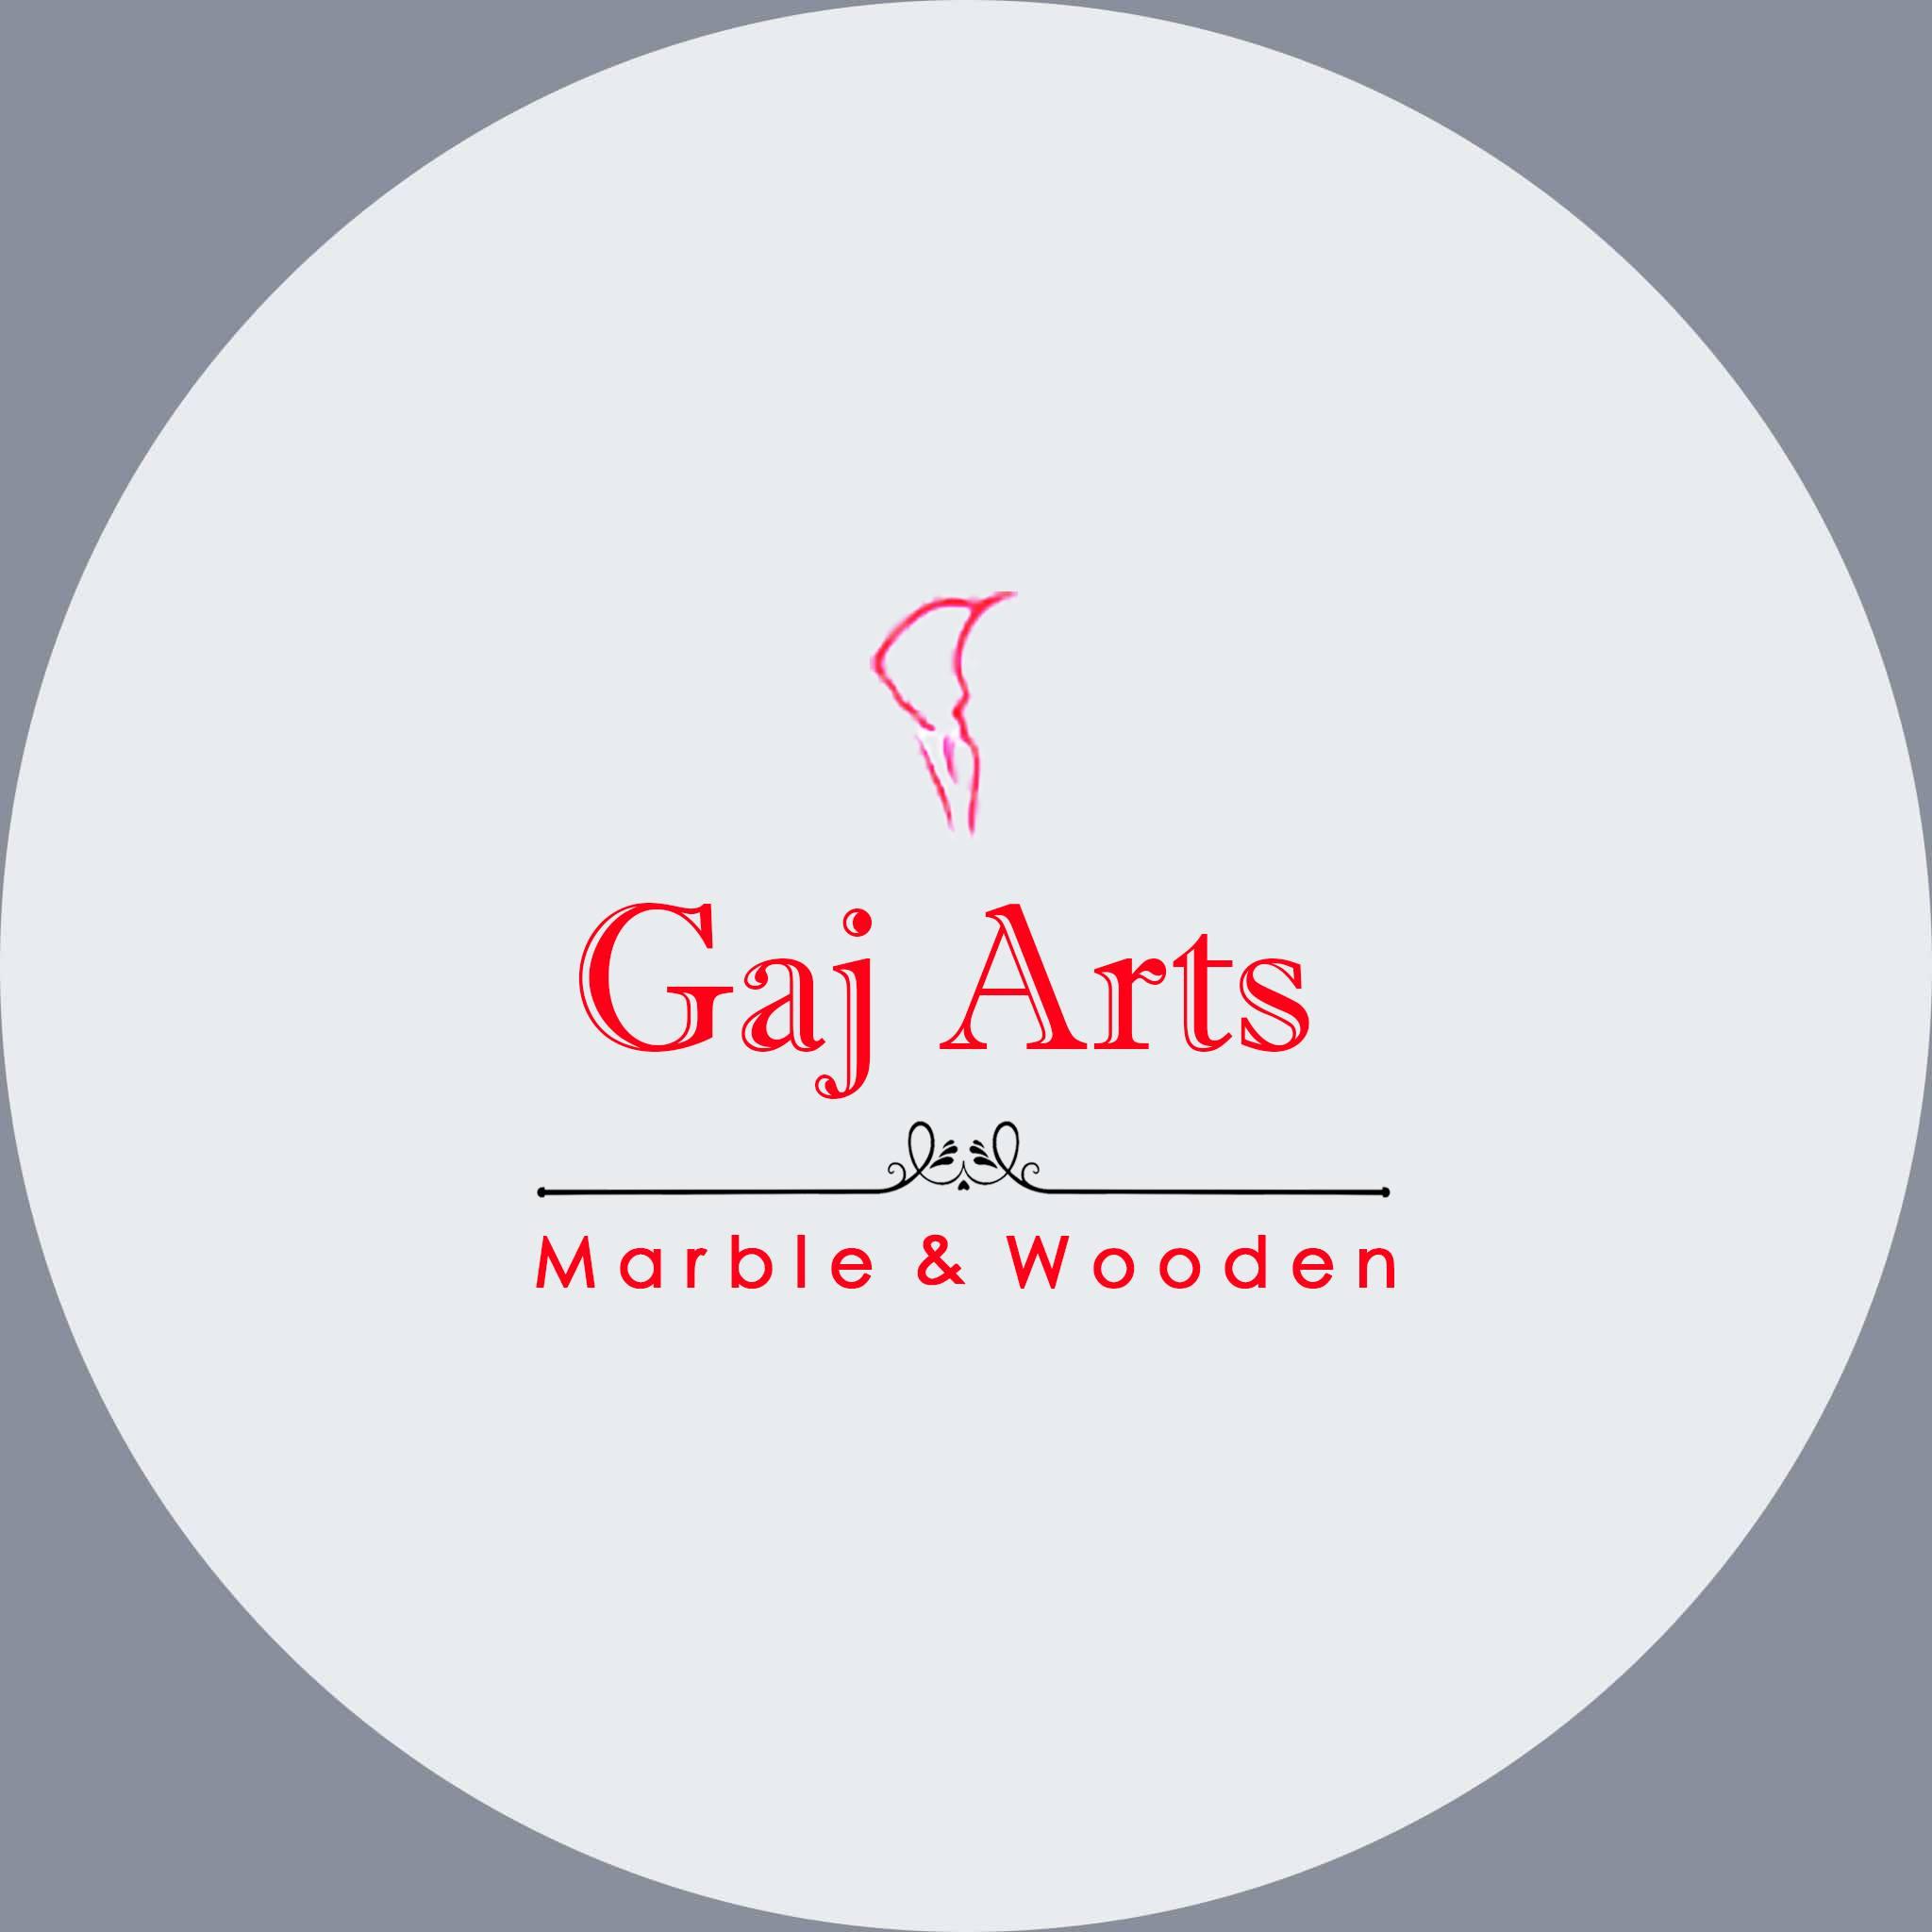 GAJARTS.com